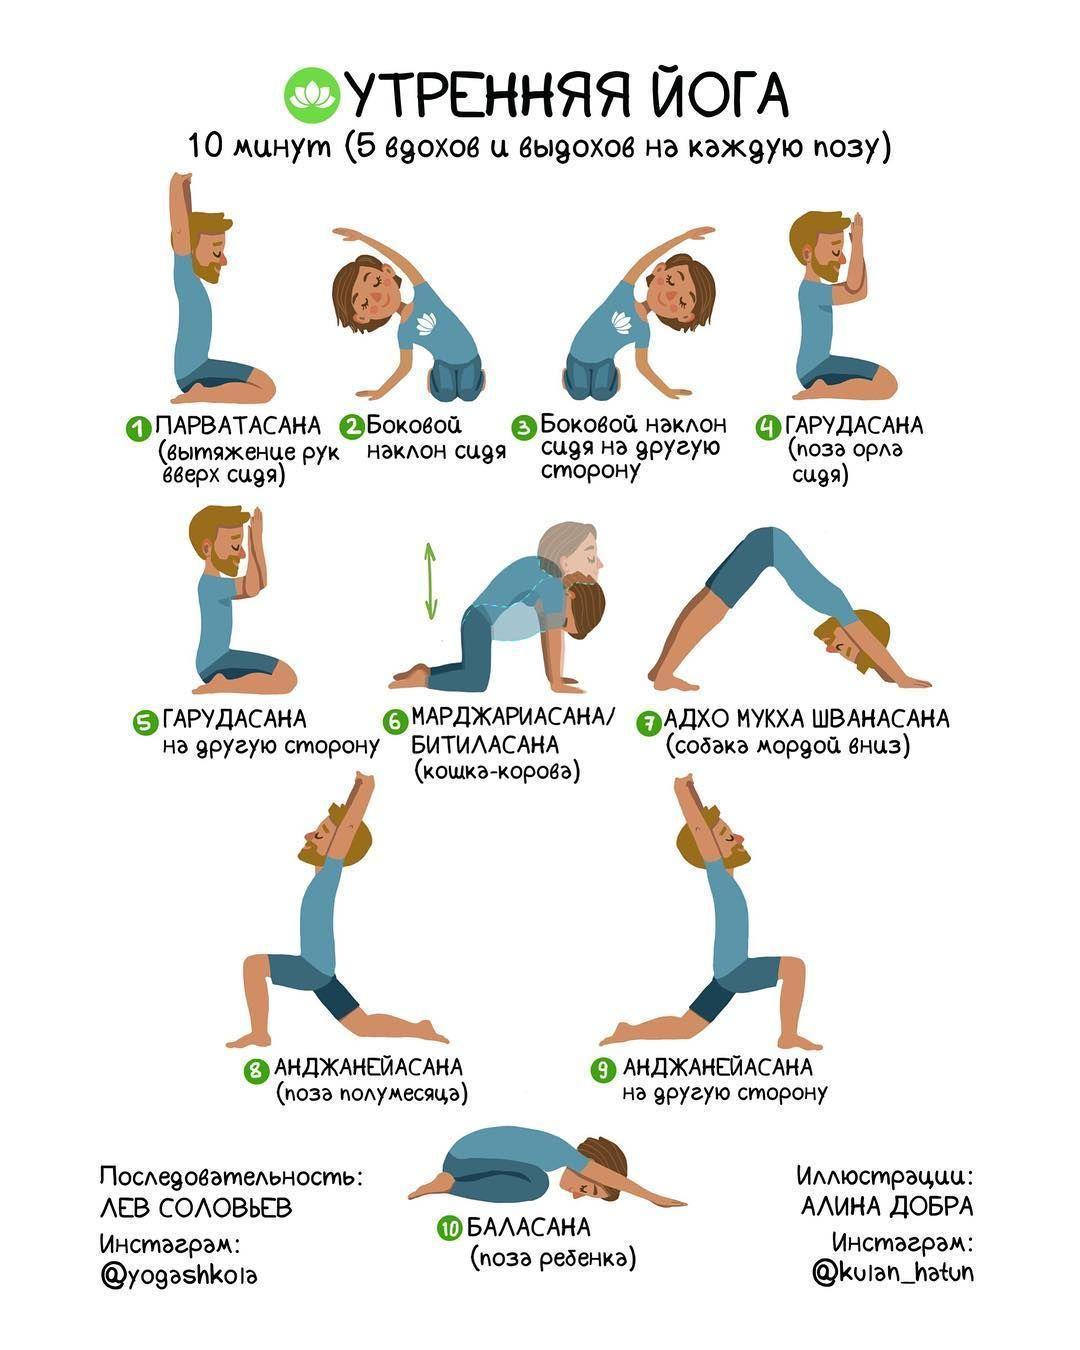 Йога Для Похудения Описание. 10 лучших йога поз для быстрой потери веса